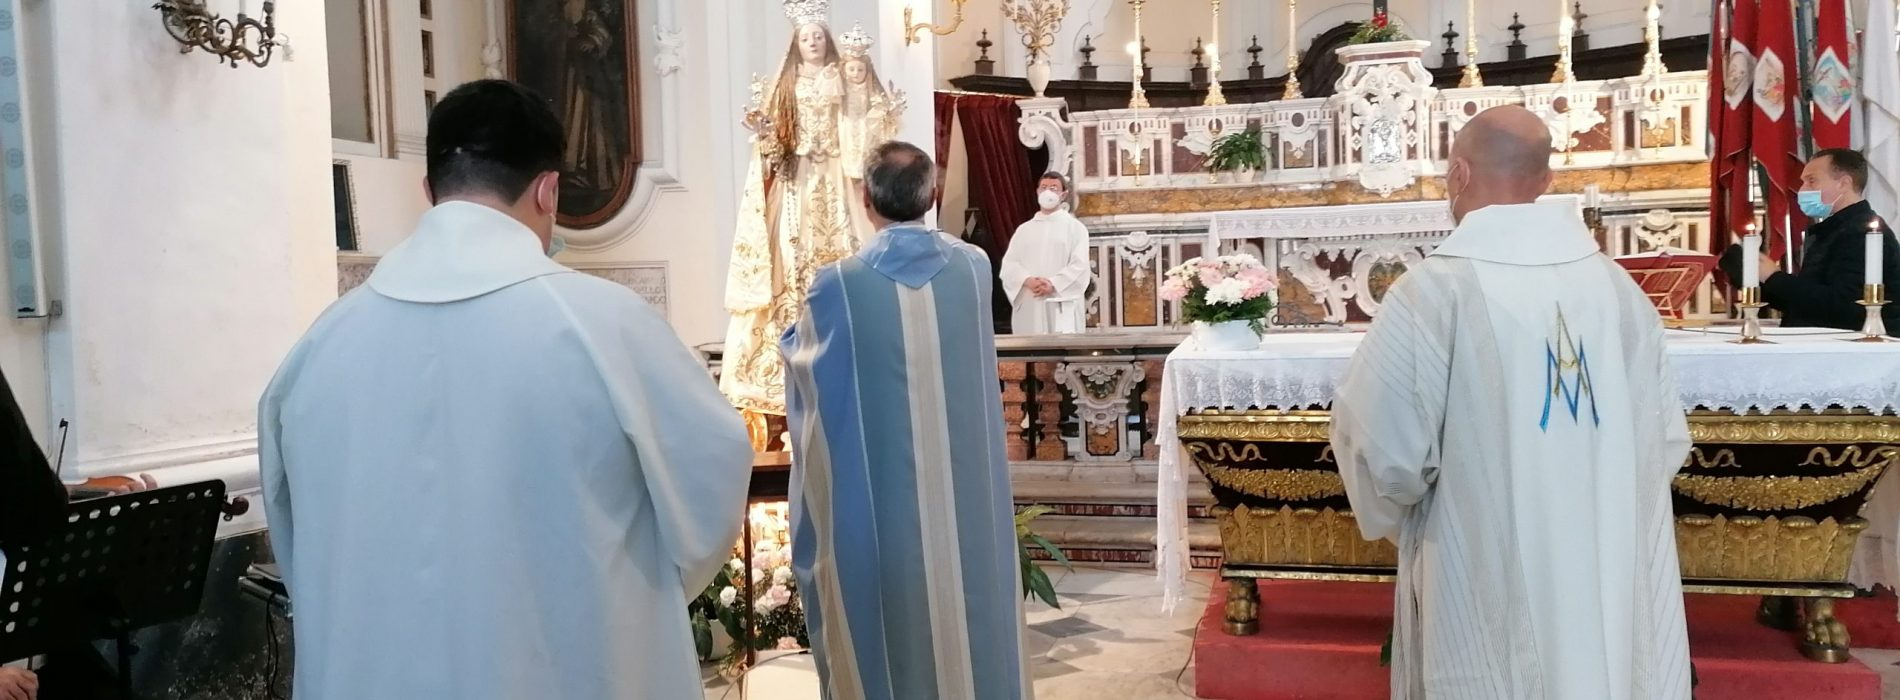 La fede contro il Covid, a Capua il Quindicinario di preghiera